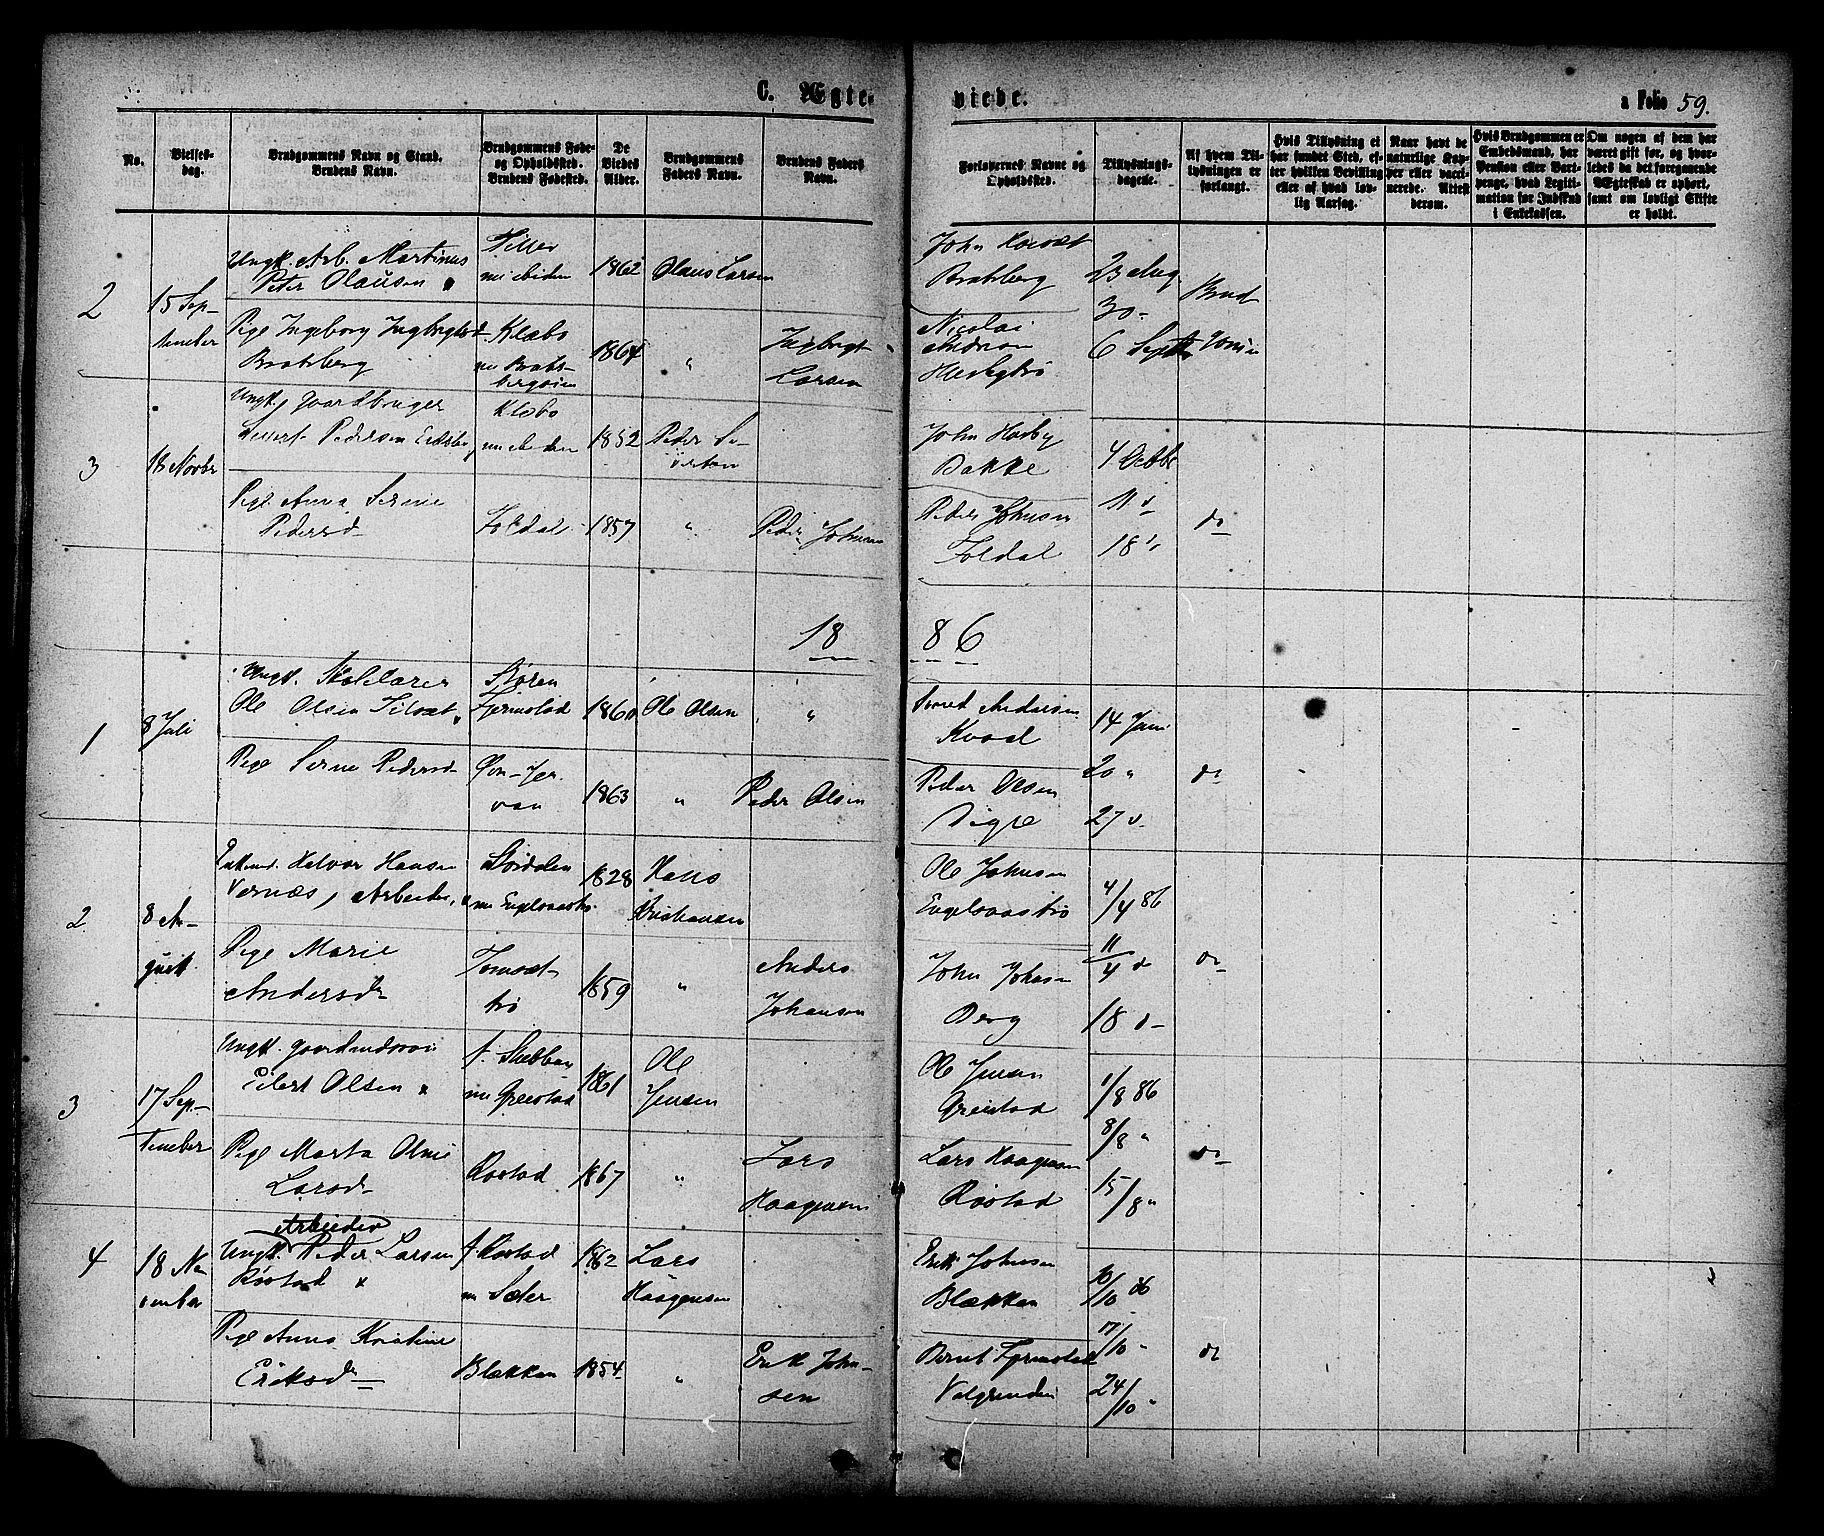 SAT, Ministerialprotokoller, klokkerbøker og fødselsregistre - Sør-Trøndelag, 608/L0334: Ministerialbok nr. 608A03, 1877-1886, s. 59